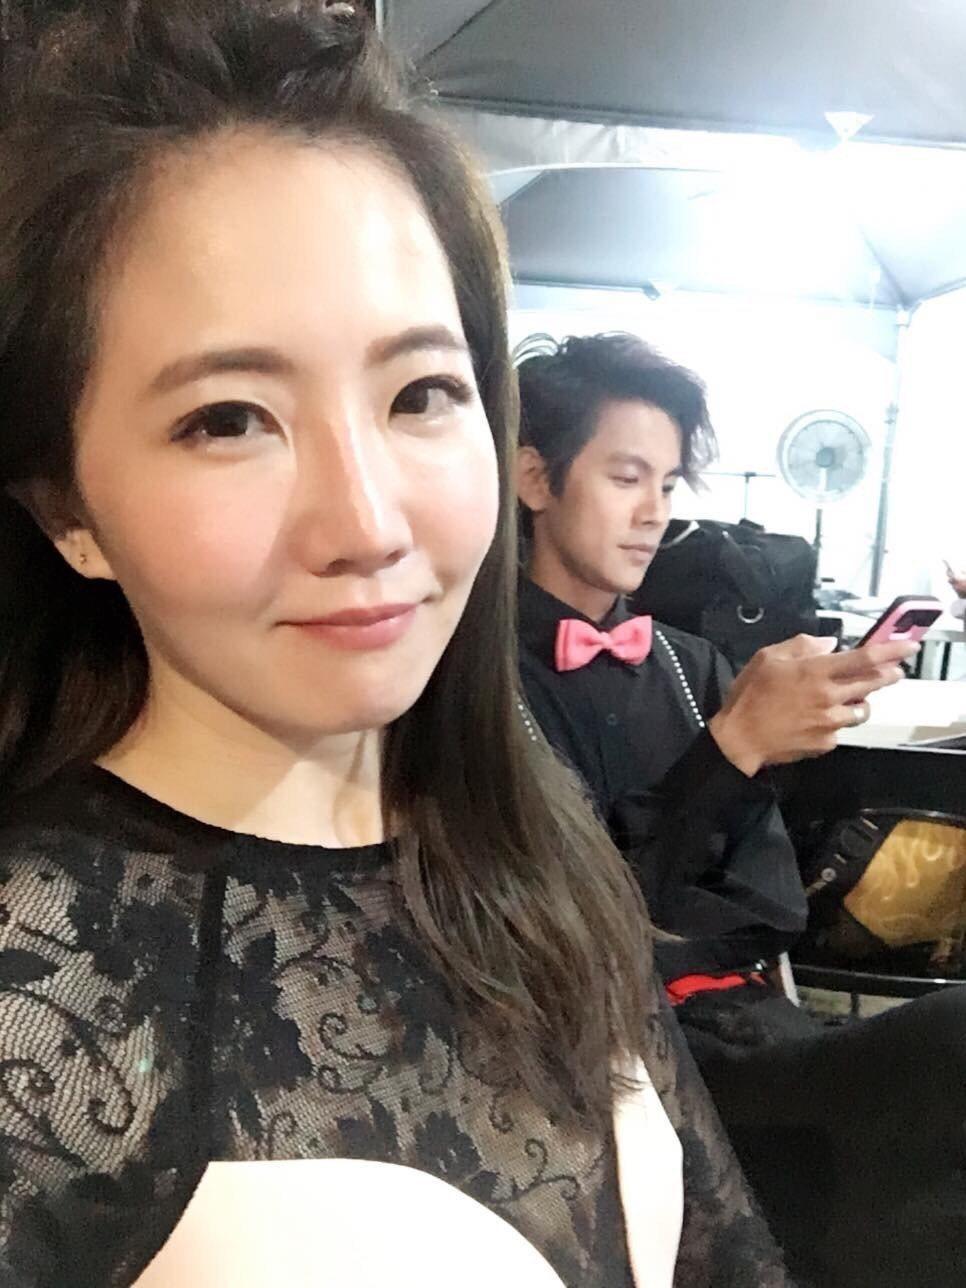 謝忻和阿翔,今後不再同台演出了。圖/謝忻臉書